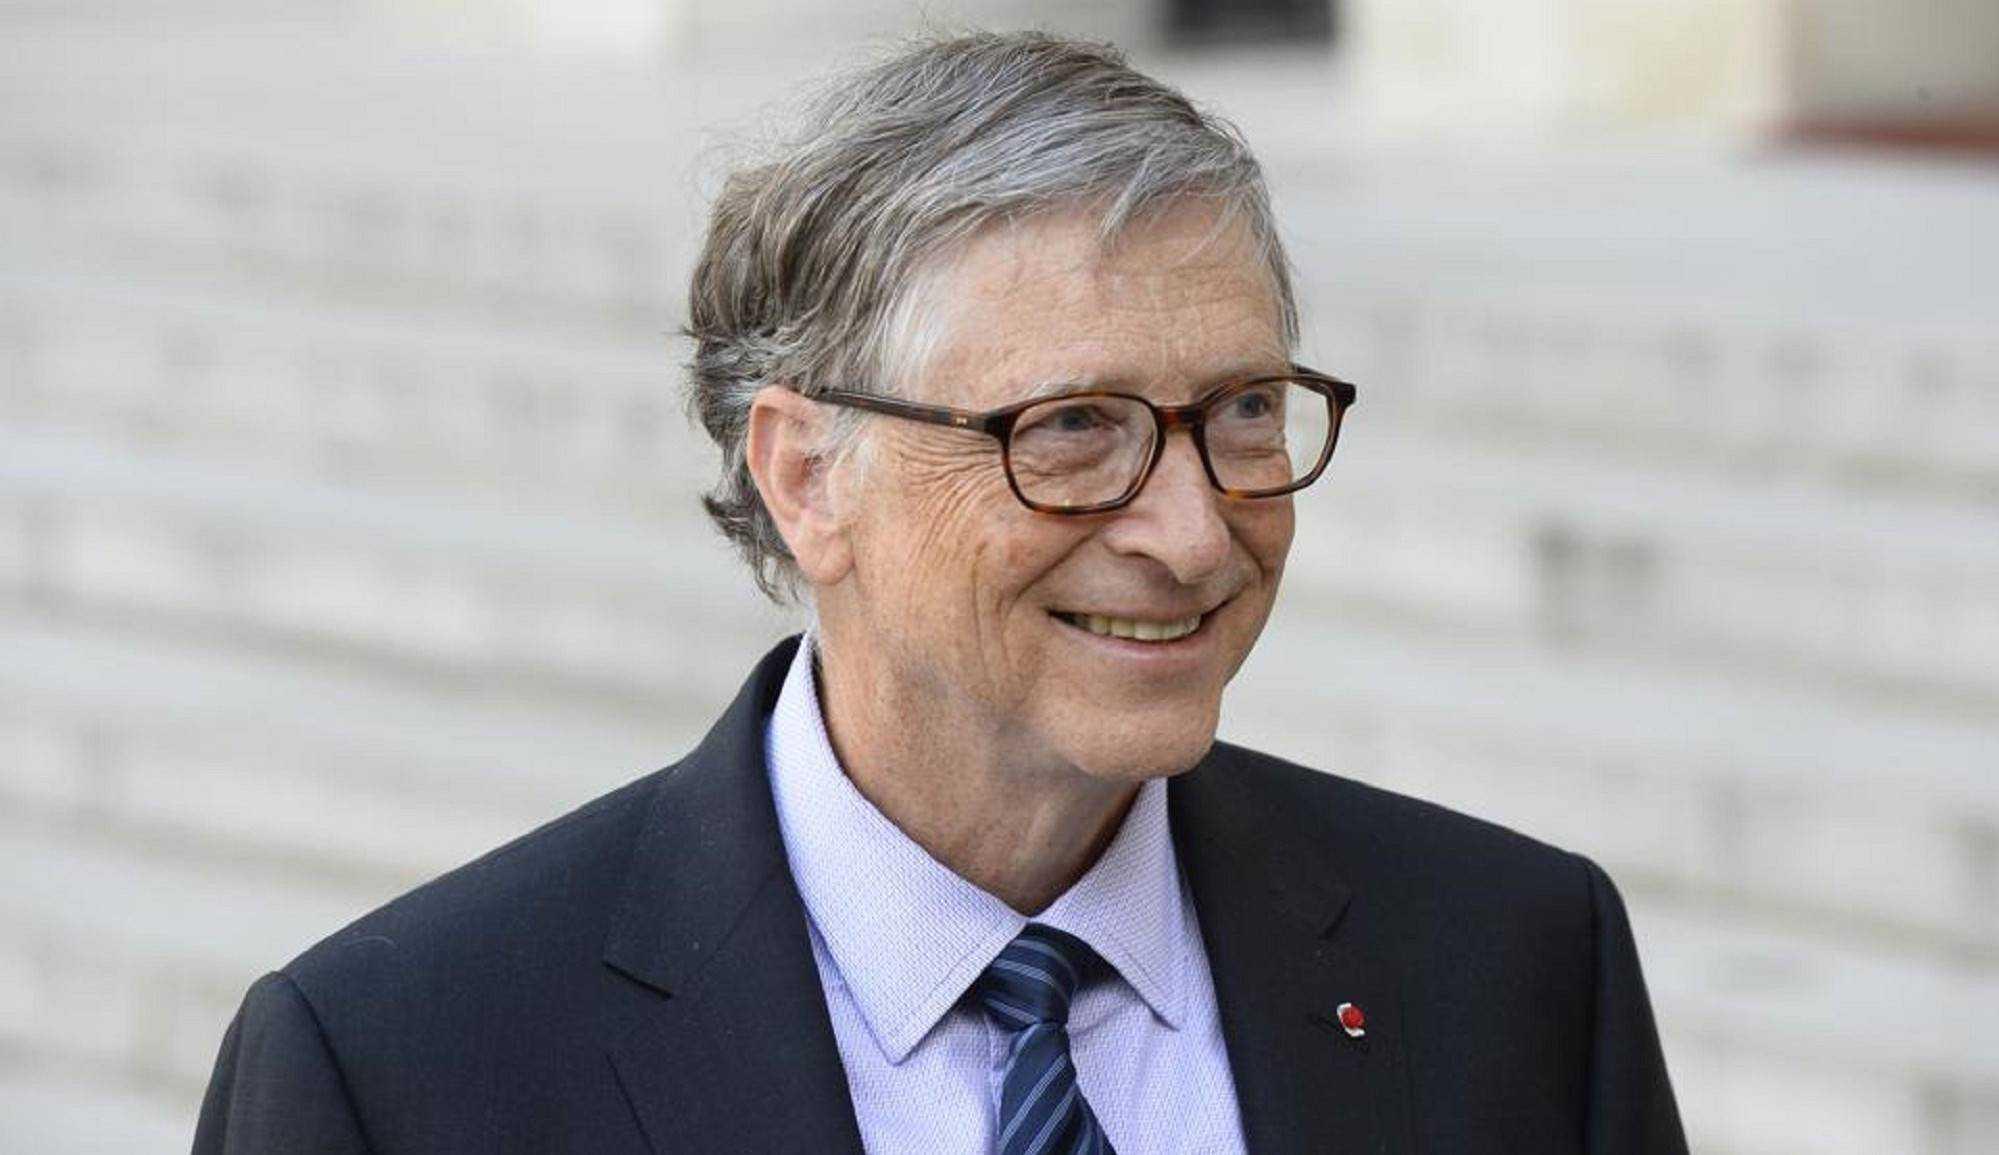 Fundação de Bill Gates anuncia arrecadação de U$ 1 bilhão de dólares para projetos de energia limpa